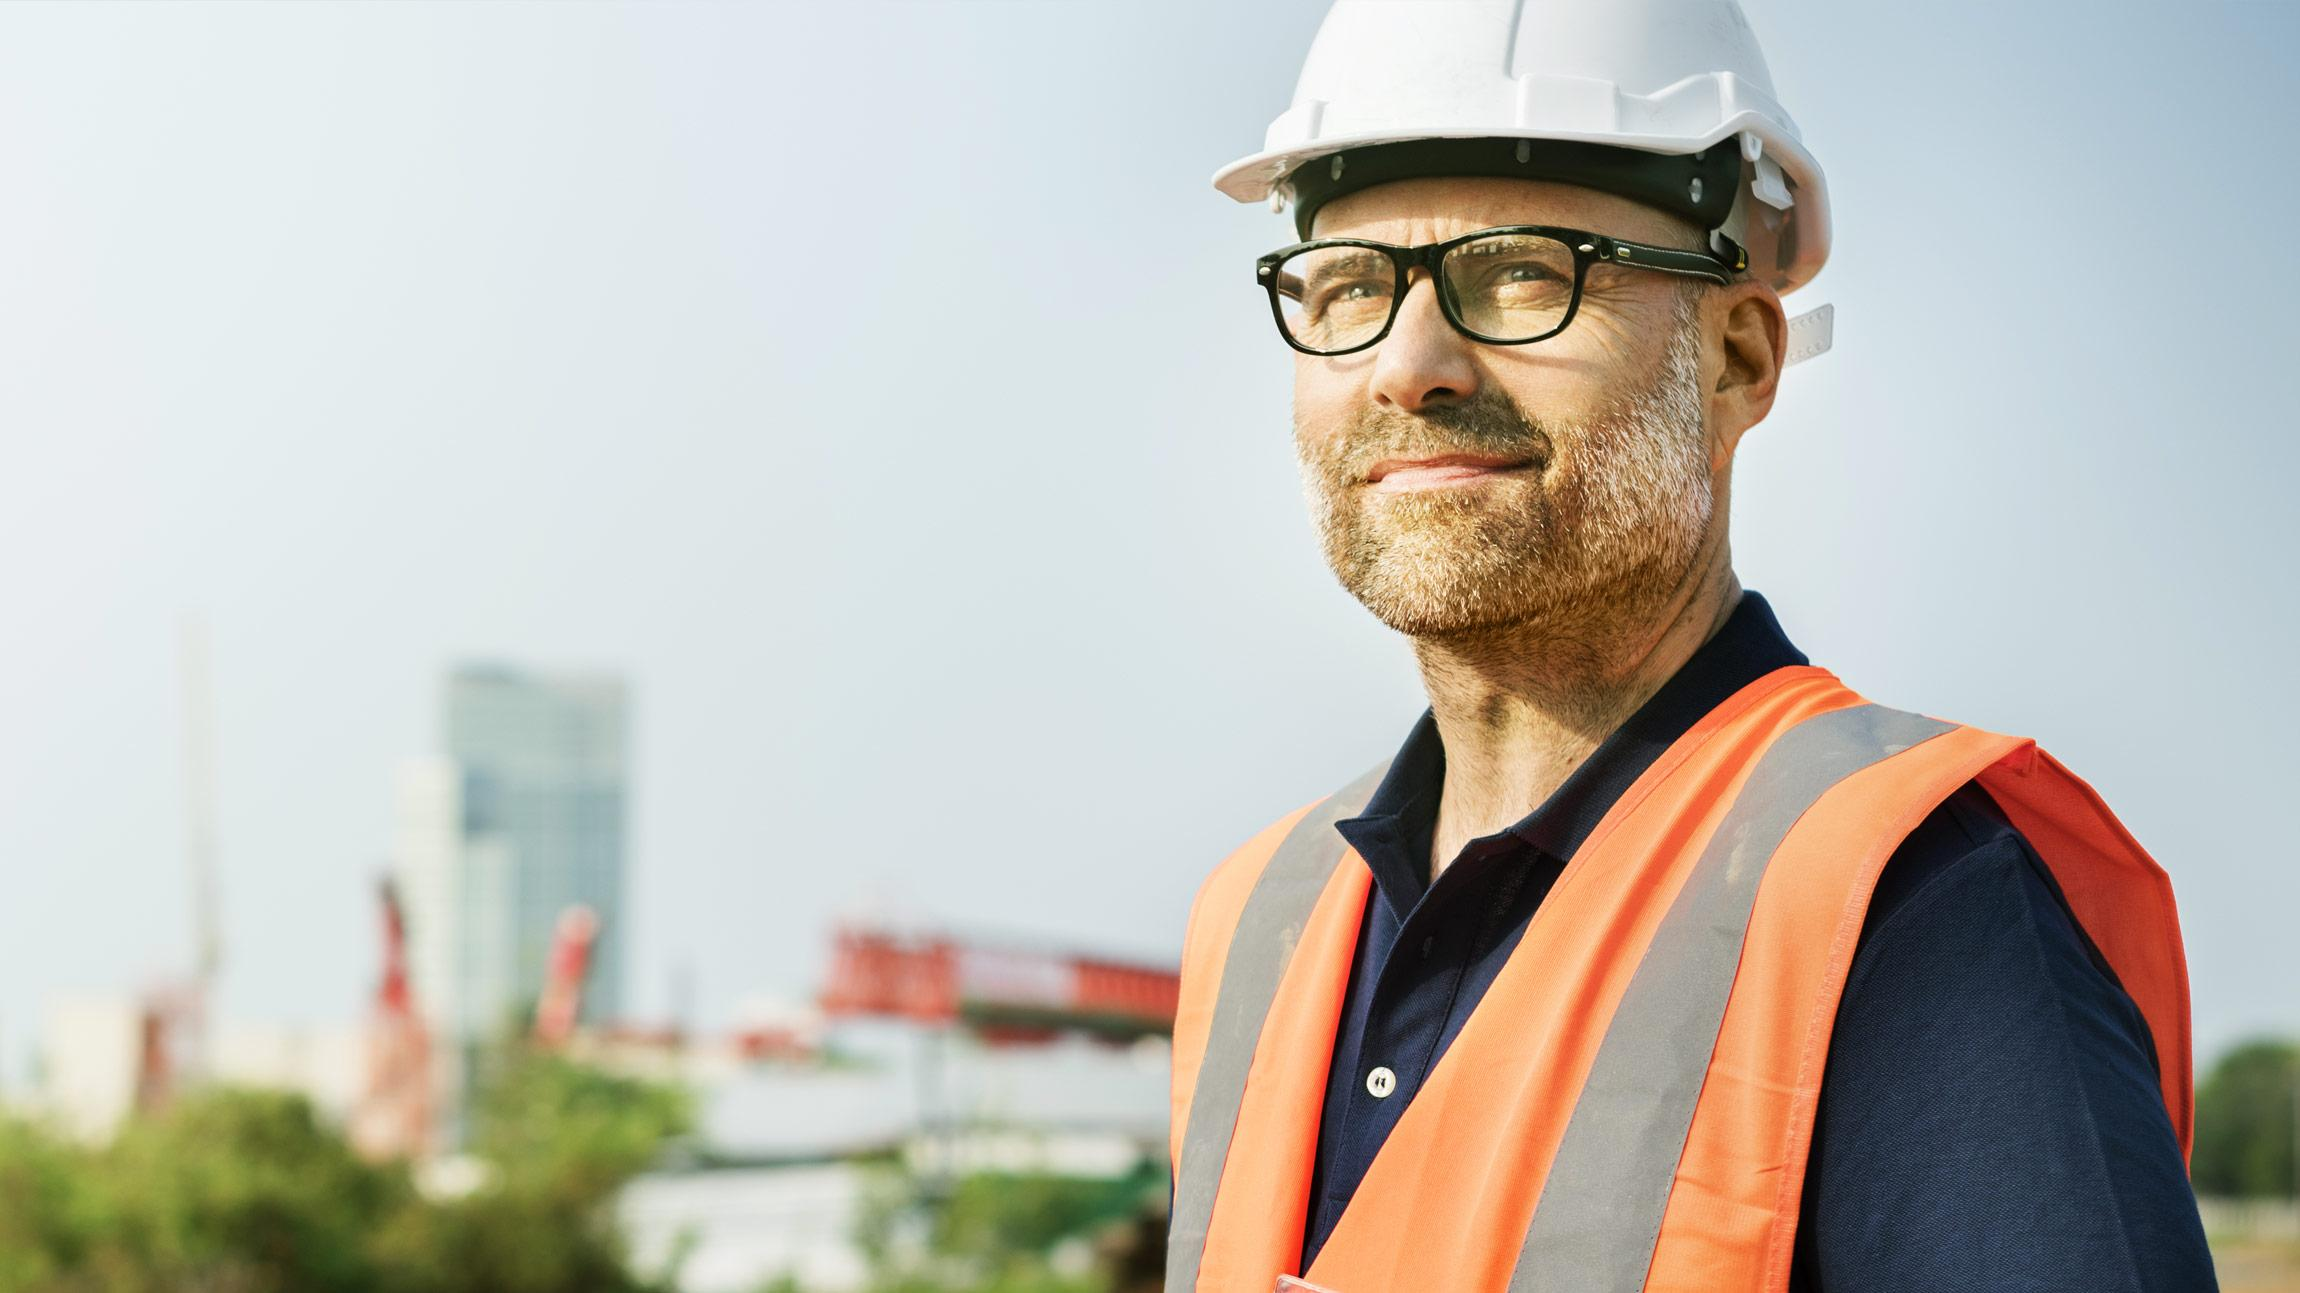 Monipuoliset ja joustavat henkilöstöratkaisut kotimaan teollisuudelle ja rakentamisen eri henkilöstötarpeisiin